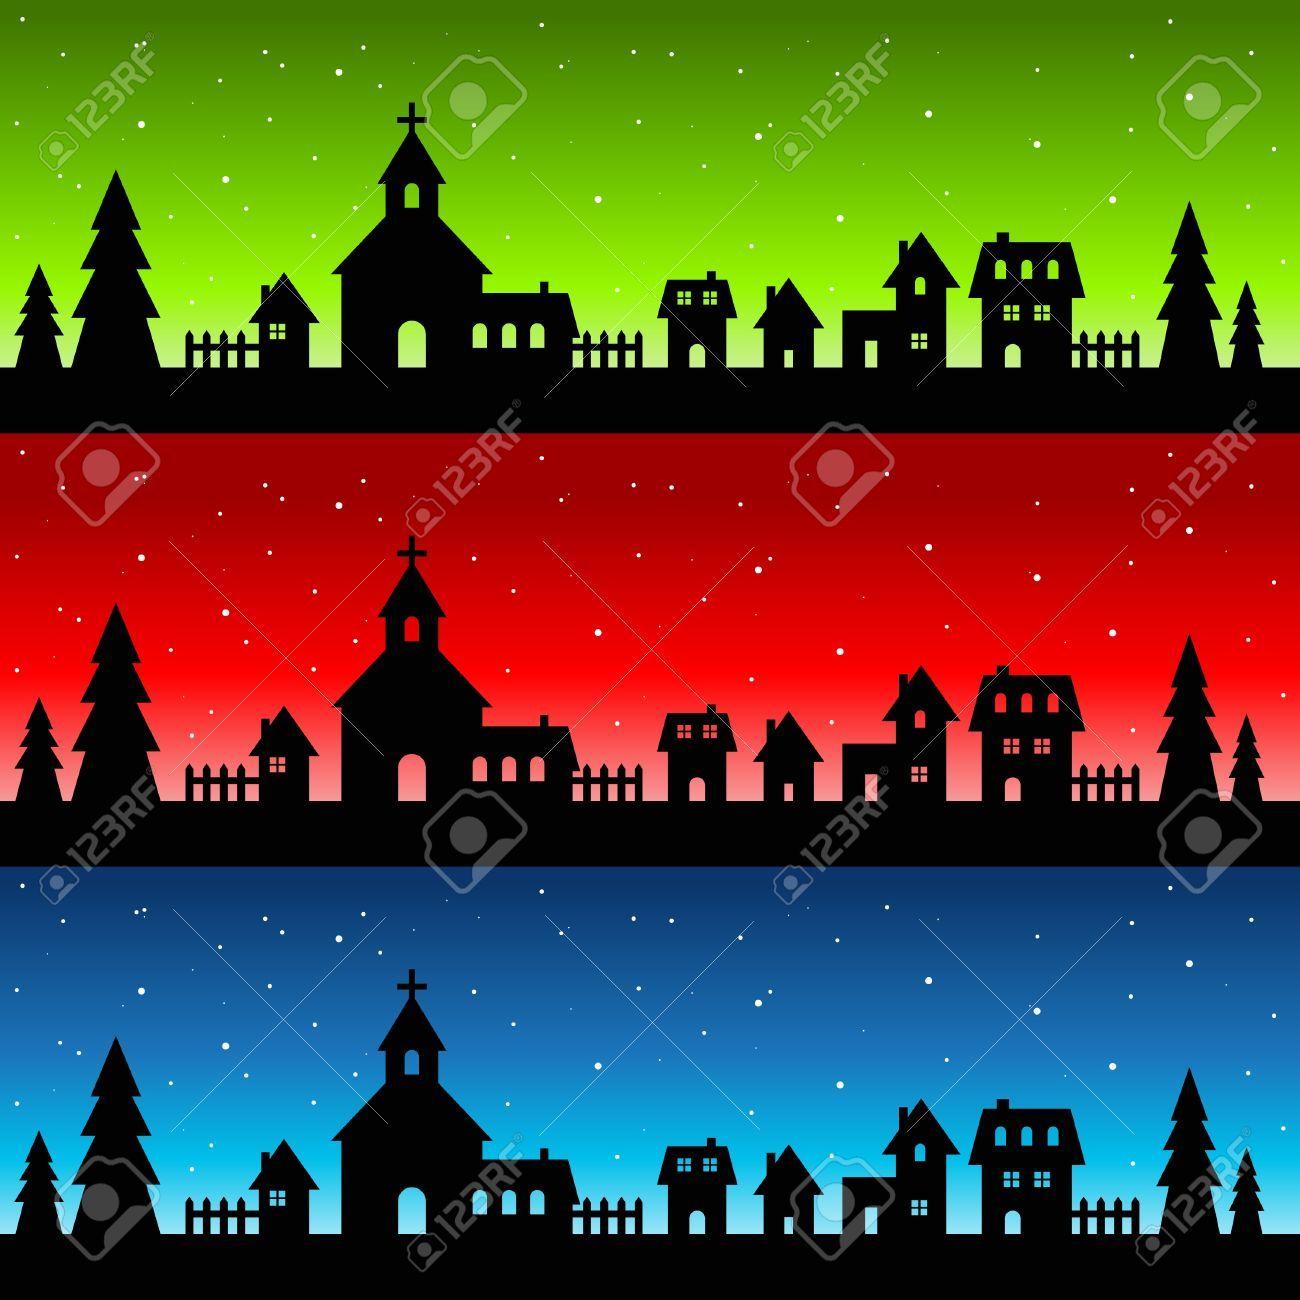 11814232 Silhouette Christmas Village Stock Vector Jpg 1300 1300 Silhouette Christmas Silhouette Images Christmas Village